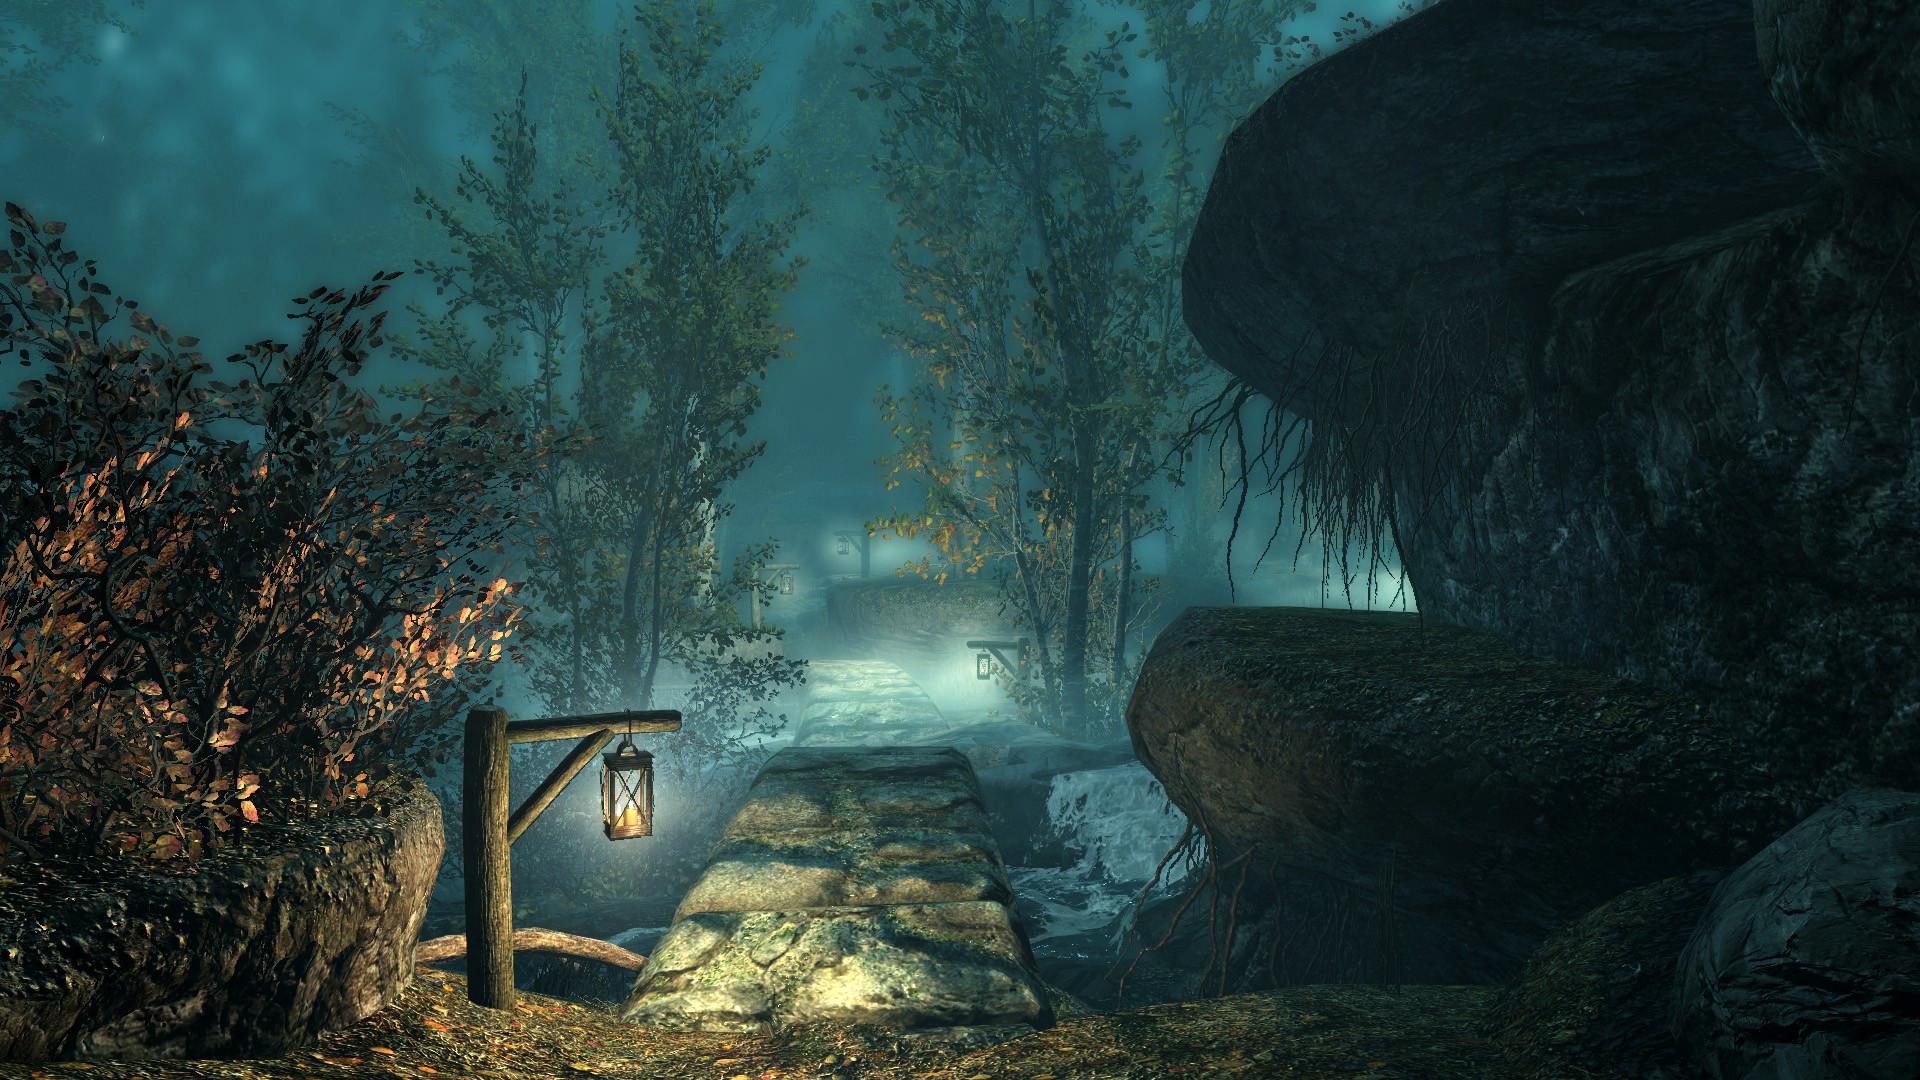 1521 best Skyrim images on Pinterest   The elder scrolls, Videogames and  Elder scrolls